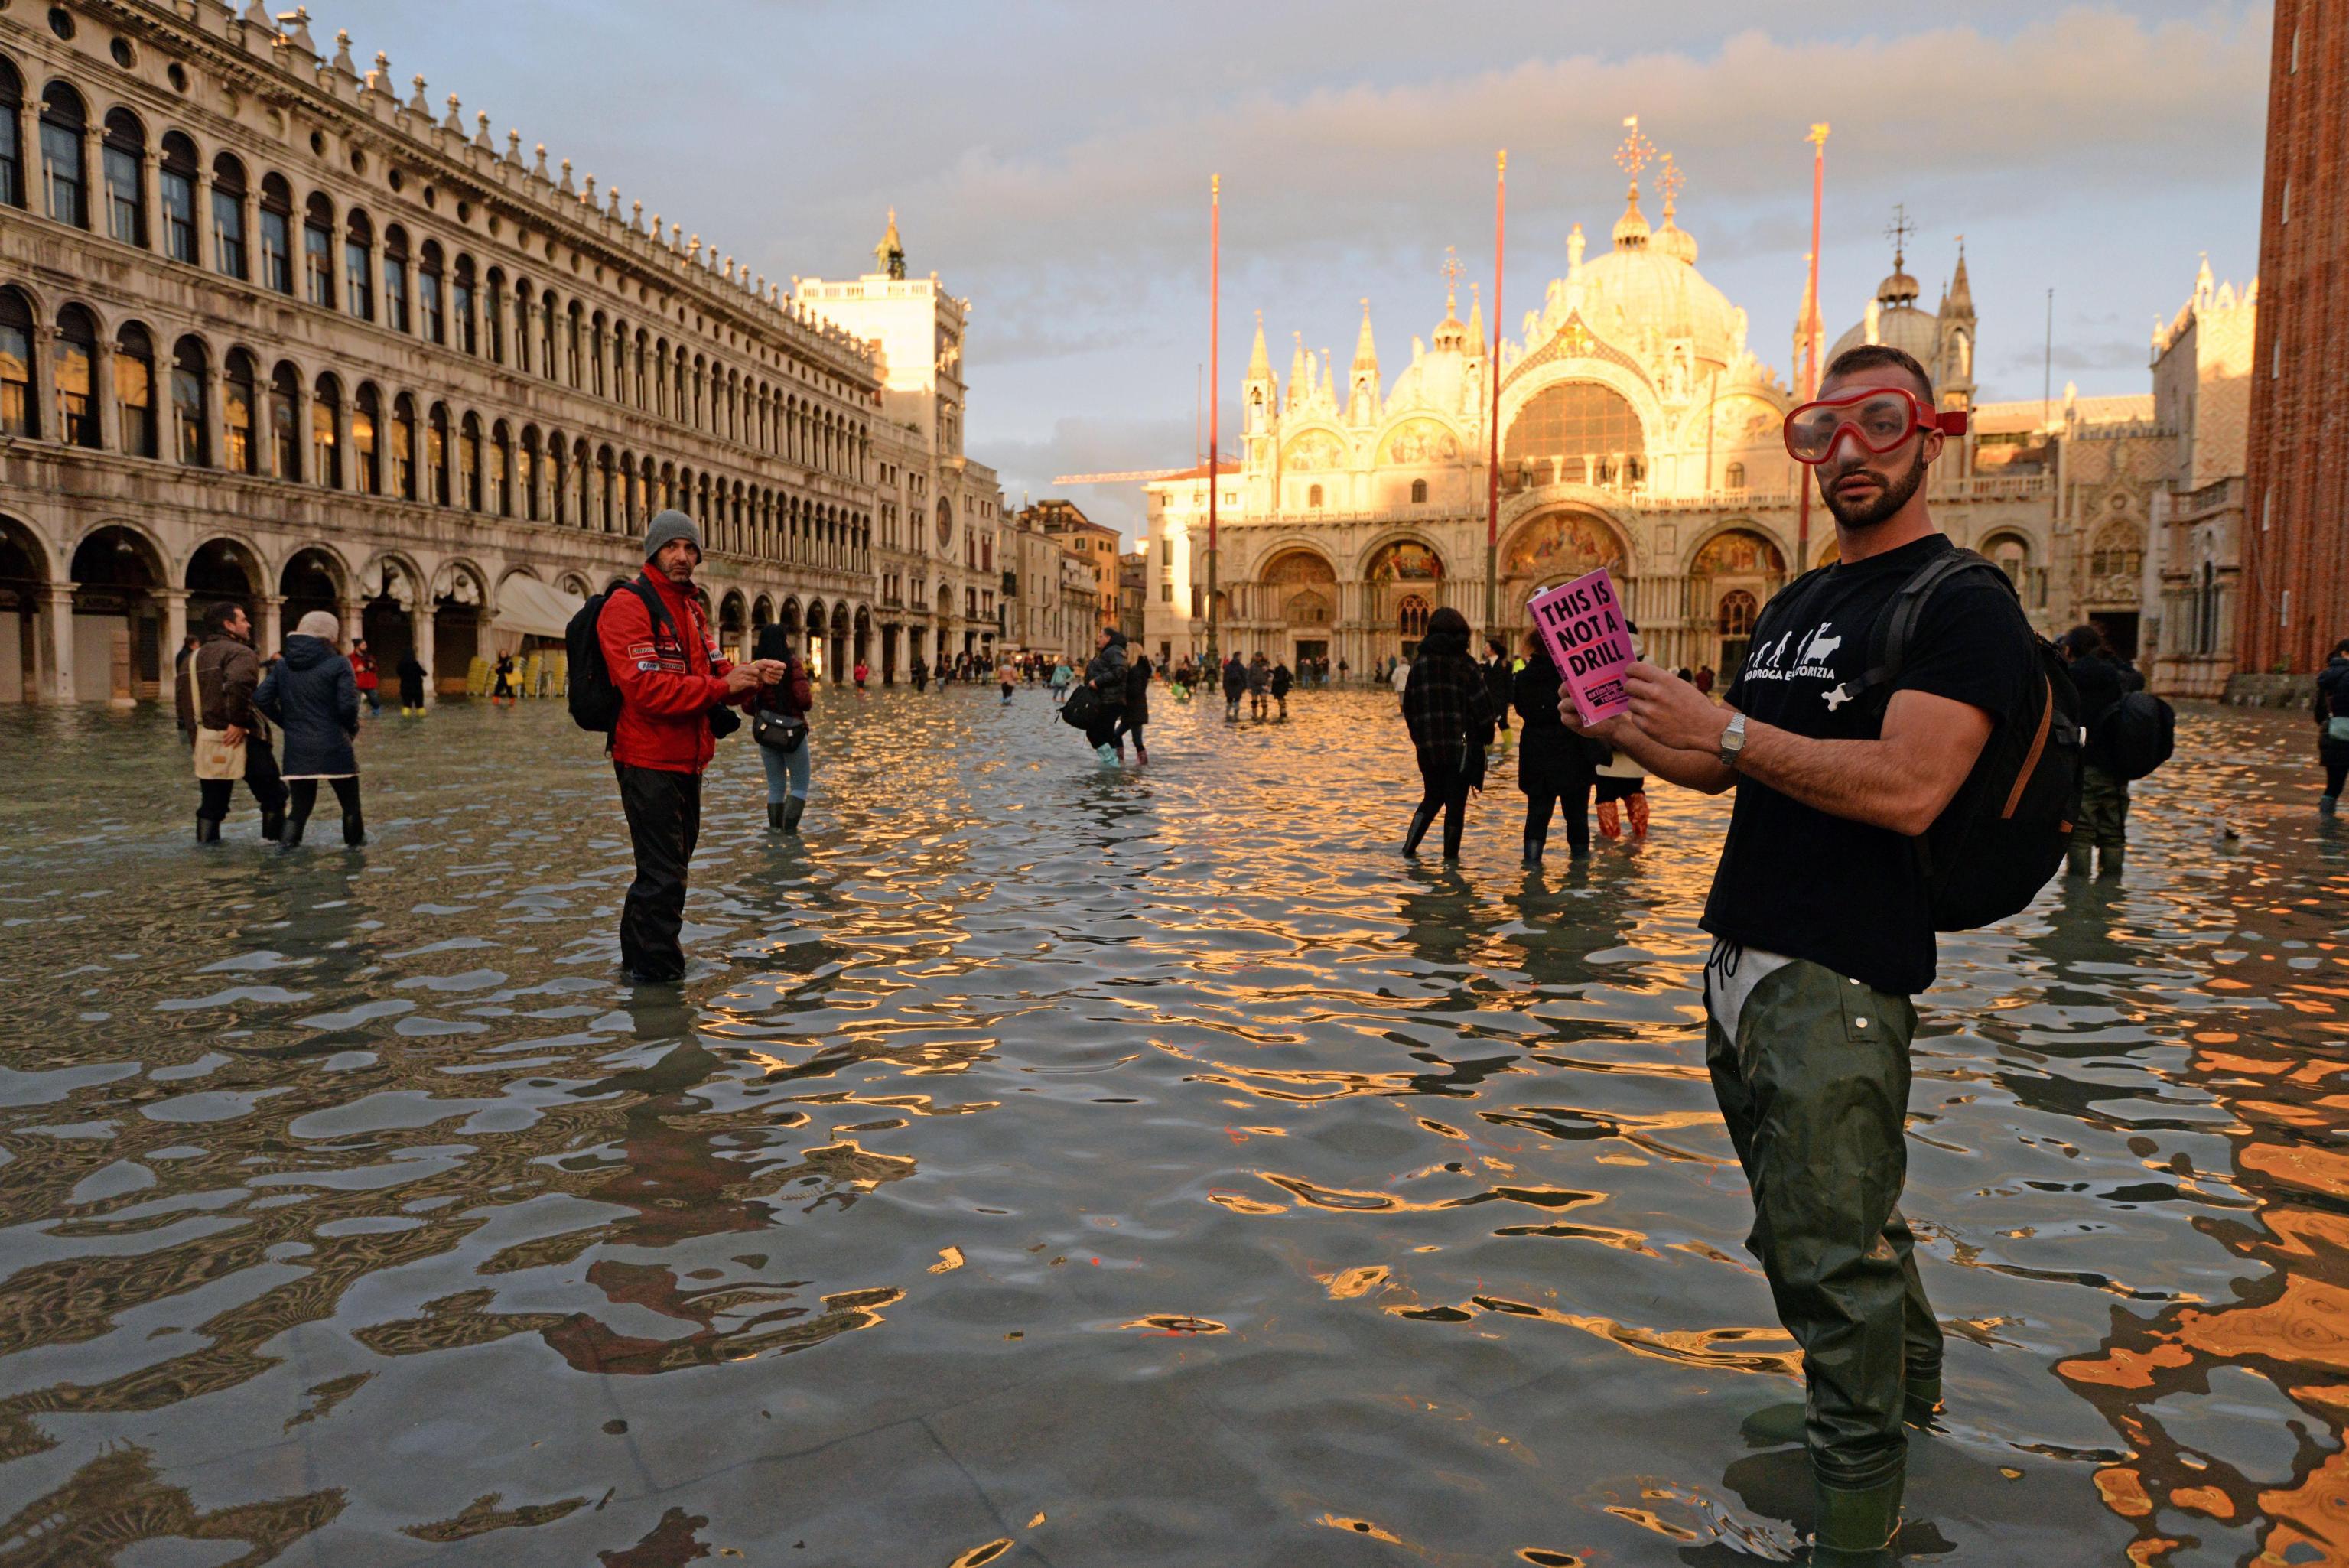 Извънредно положение е обявено за всички сицилиански провинции, а също и за Генуа, Савоя и Специя. На 18 ноември например регионалният съвет на Тоскана обяви извънредно положение в областта заради поройни дъждове и бури. Местните власти поискаха кабинетът да обяви такава мярка на национално равнище.